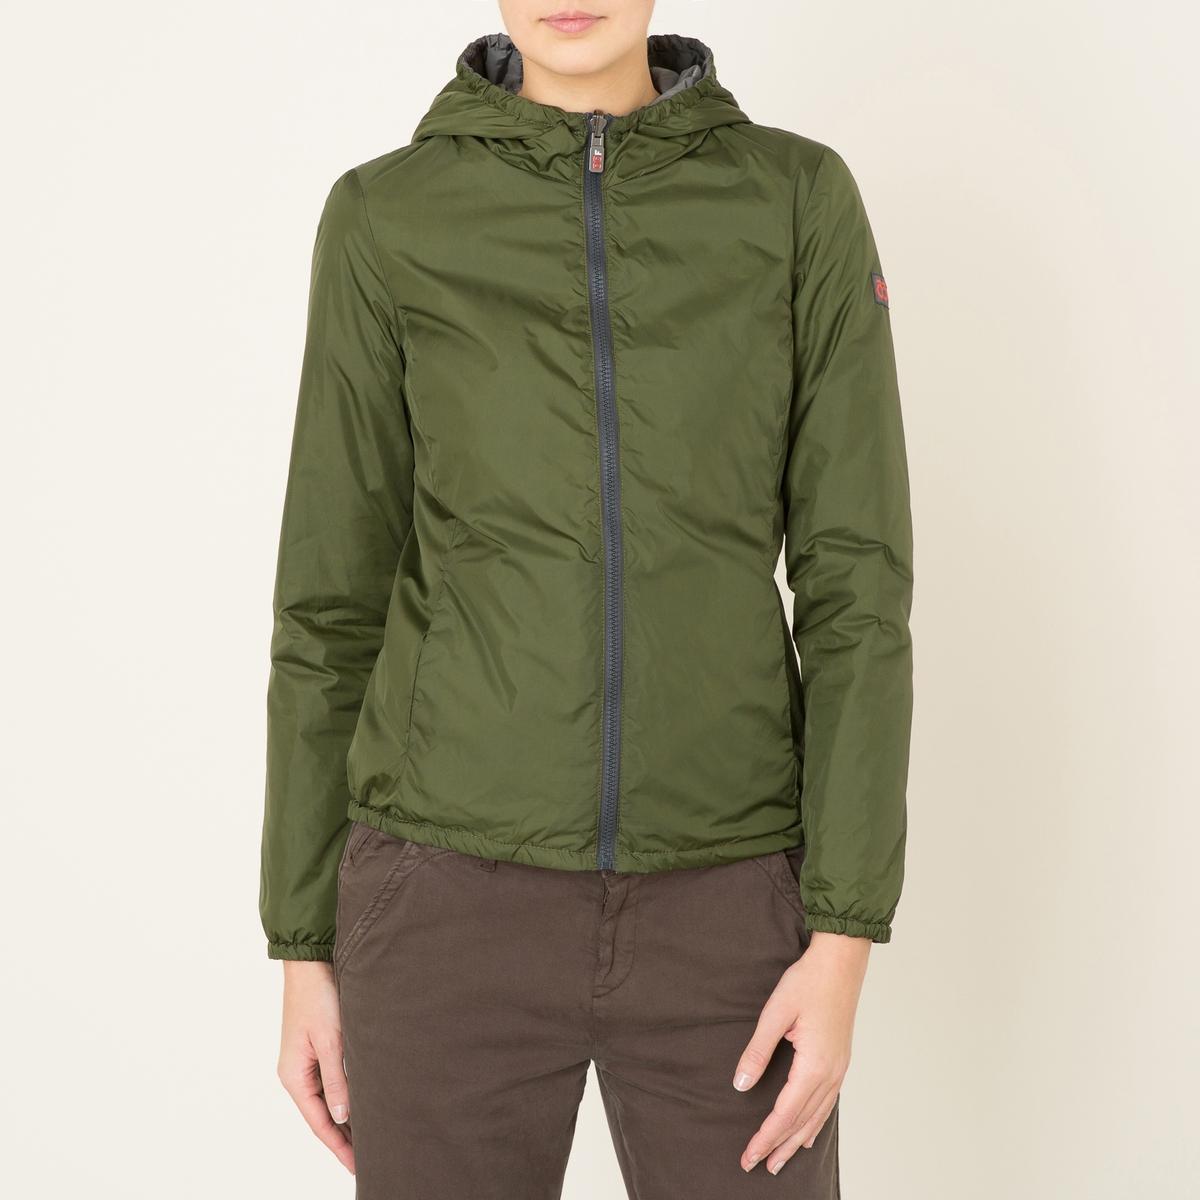 Куртка стеганая короткая двусторонняяСостав &amp; Детали Материал : 100% полиамидМарка : OOF<br><br>Цвет: фиолетовый/ розовый,хаки/ серый